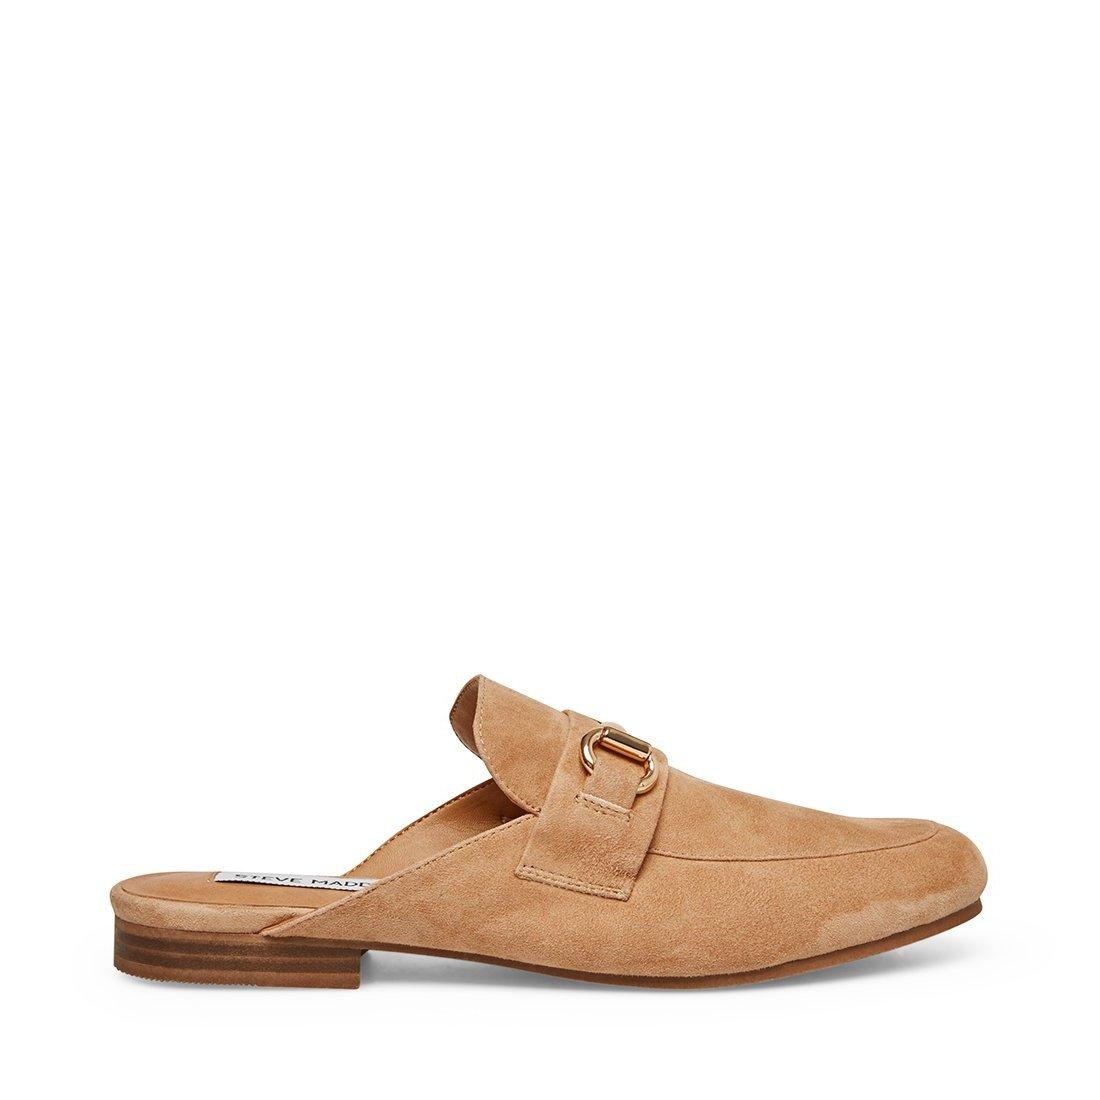 Steve Madden KANDI CAMEL SUEDE Loafer Slides